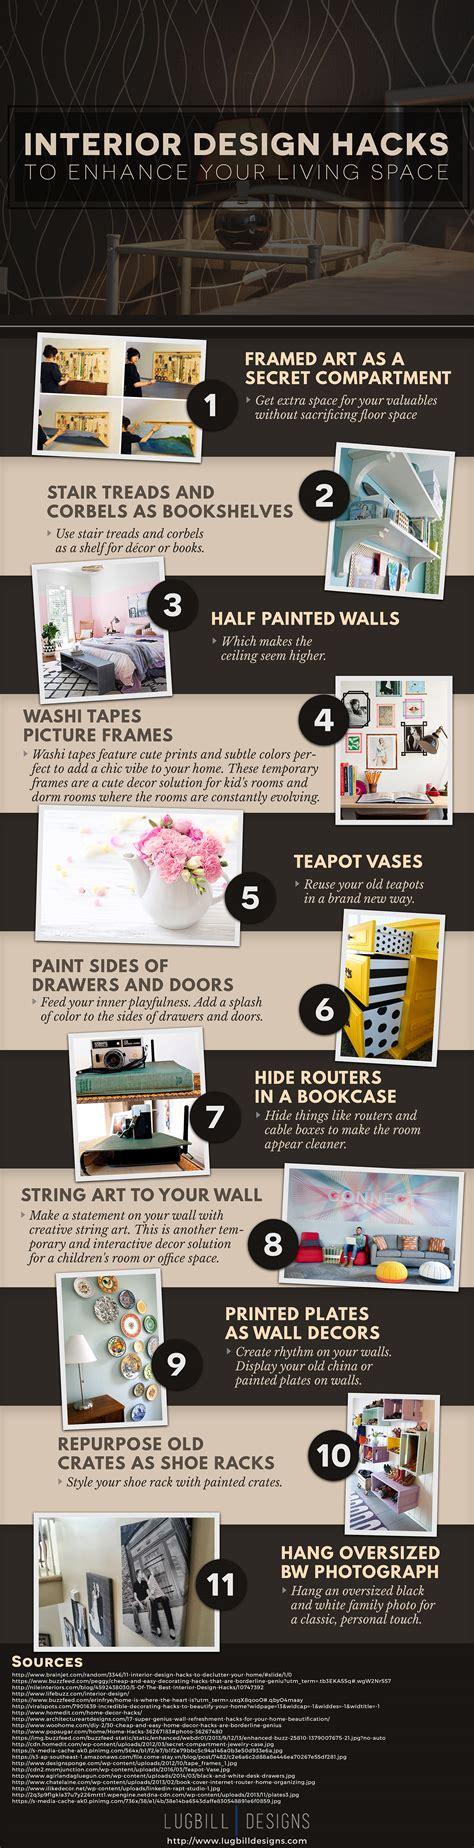 home design hacks interior design hacks to enhance your living space